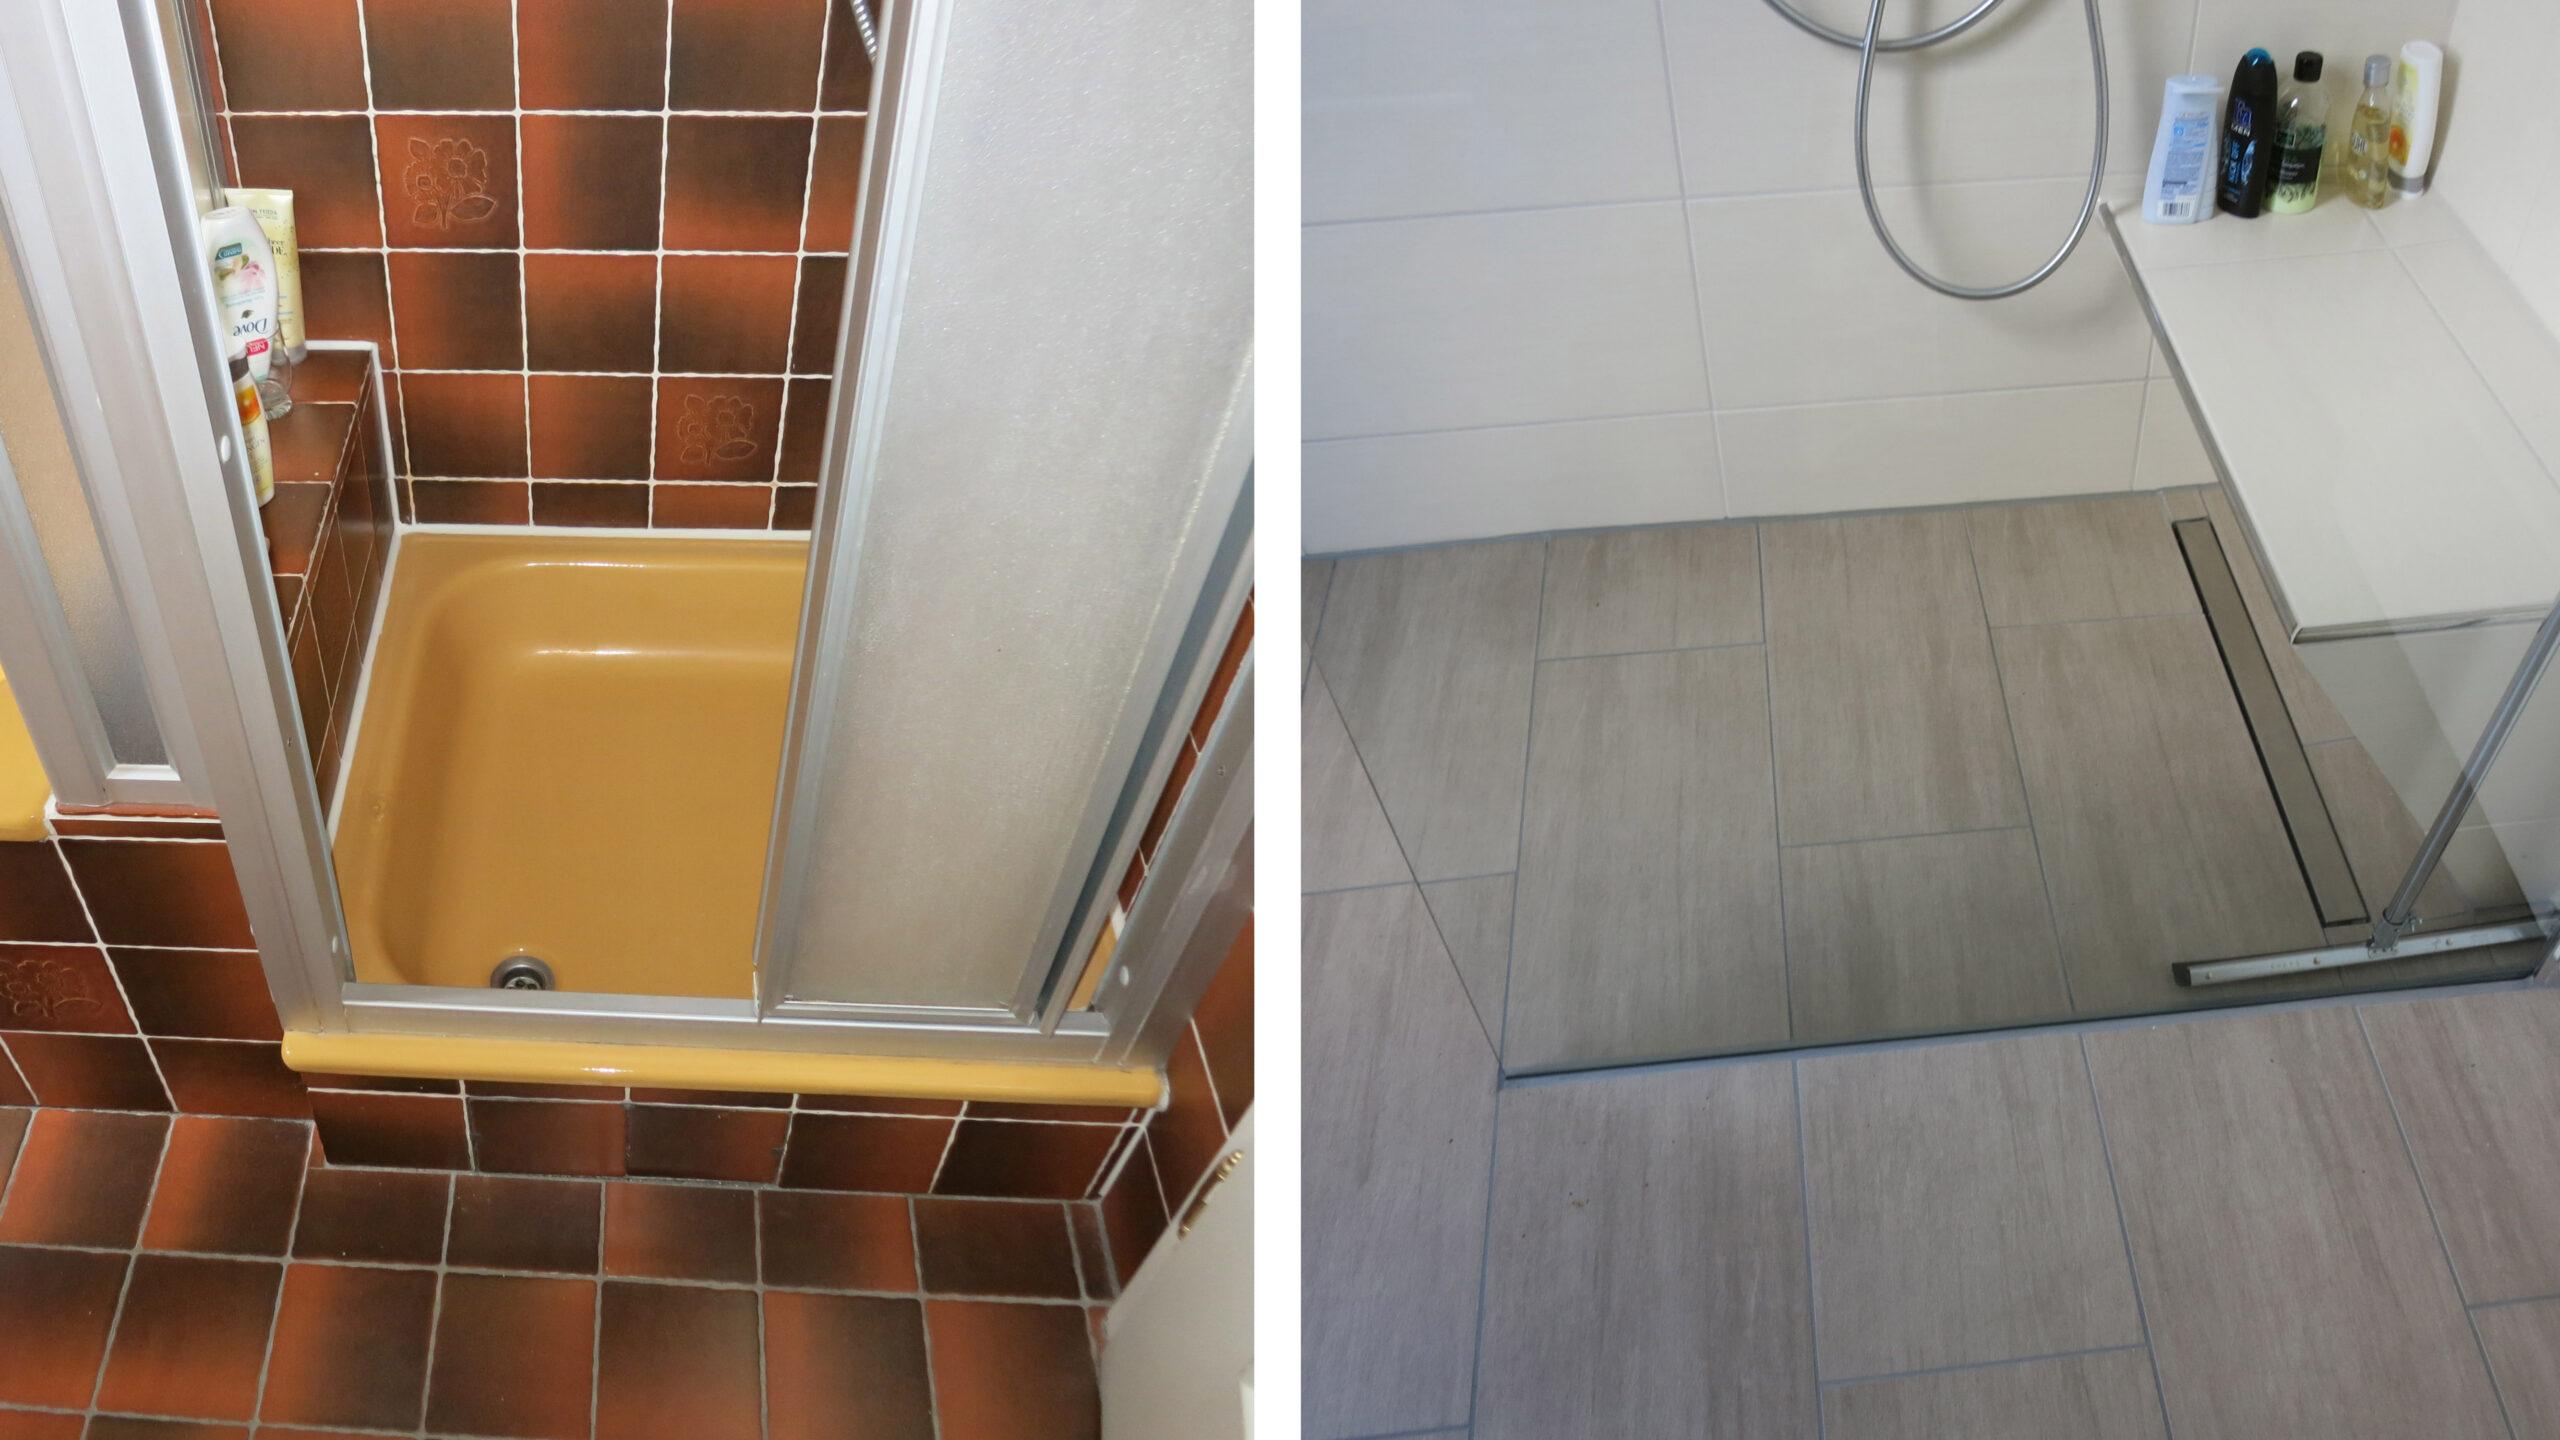 Full Size of Ratgeber Bodengleiche Dusche Online Wohn Beratungde Einhebelmischer Bidet Fenster Austauschen Kosten Duschen Kaufen Nischentür Behindertengerechte Bluetooth Dusche Ebenerdige Dusche Kosten